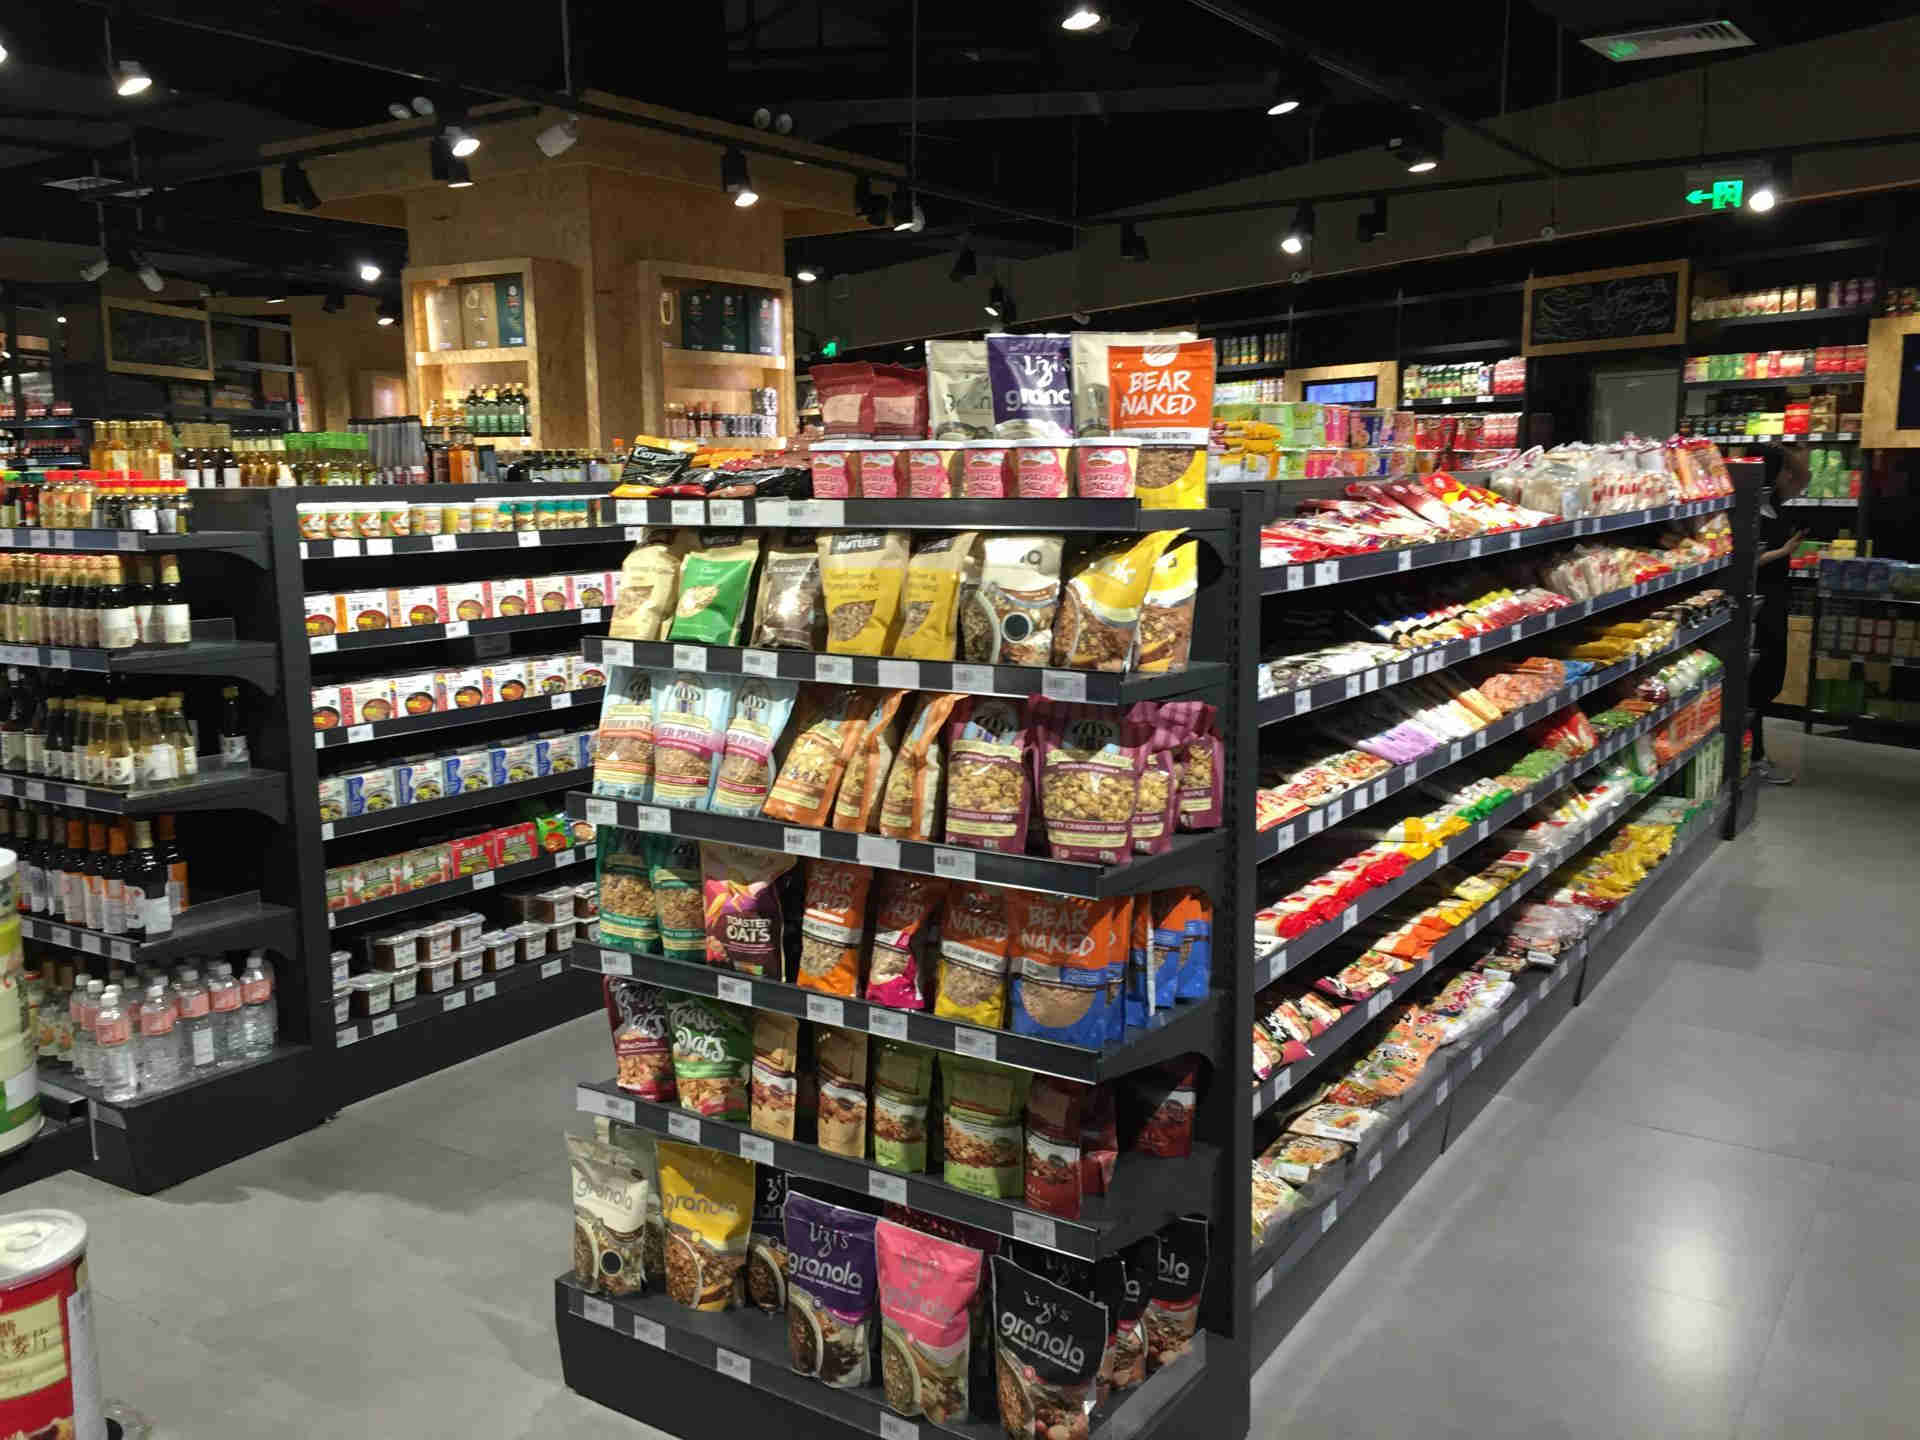 四川超市货架不当使用有什么安全隐患?